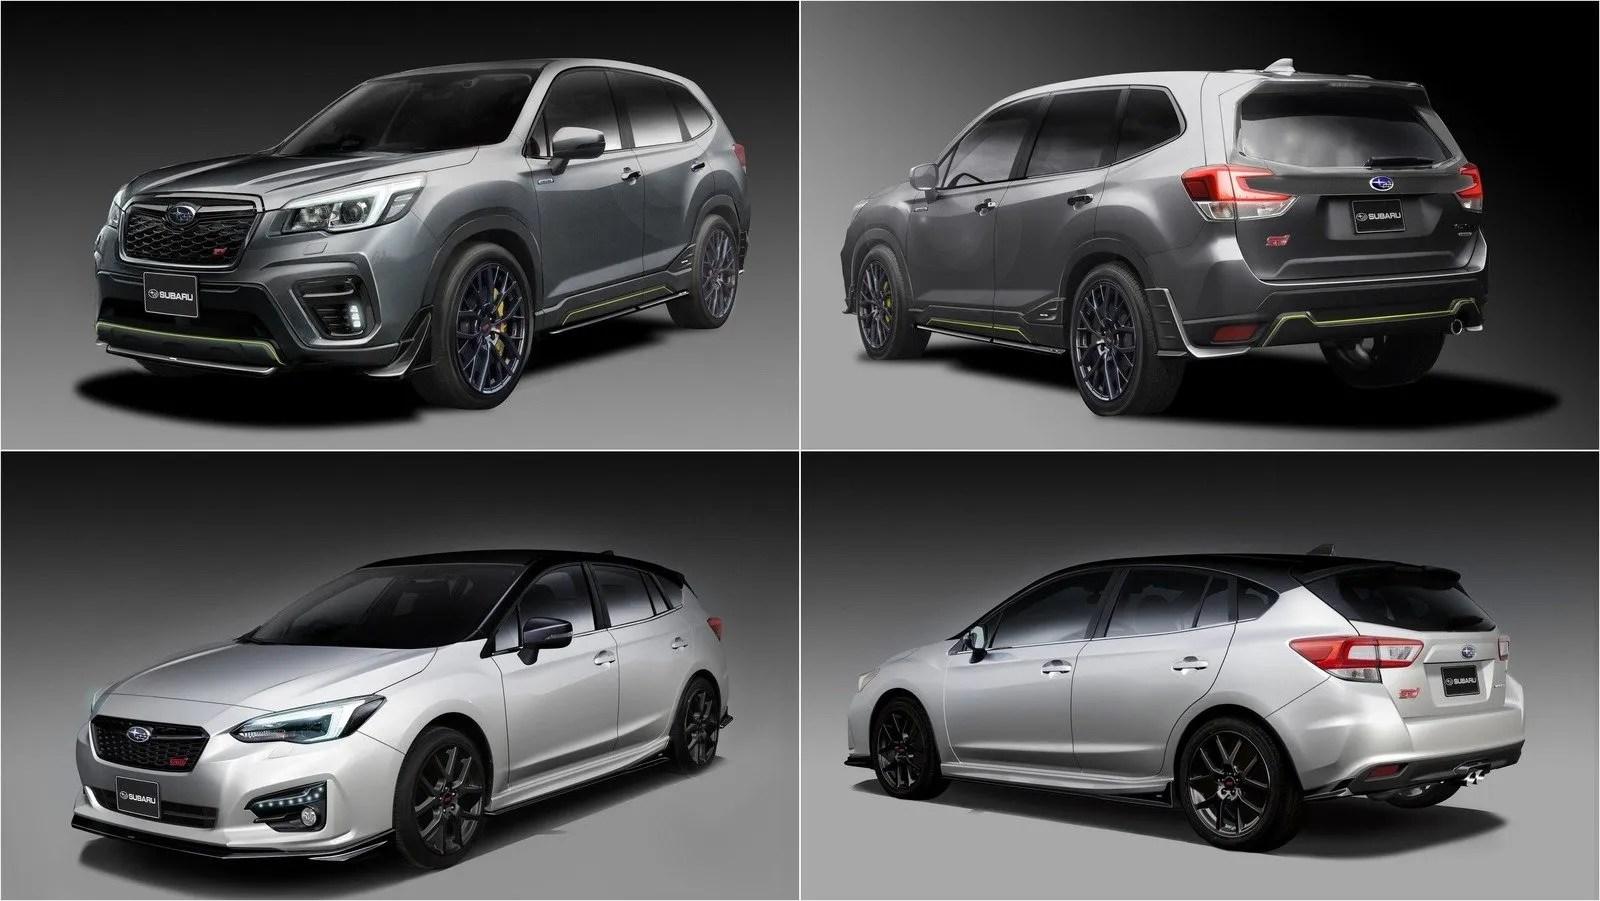 The Subaru Impreza Sti And Forester Sti E Boxer Concepts